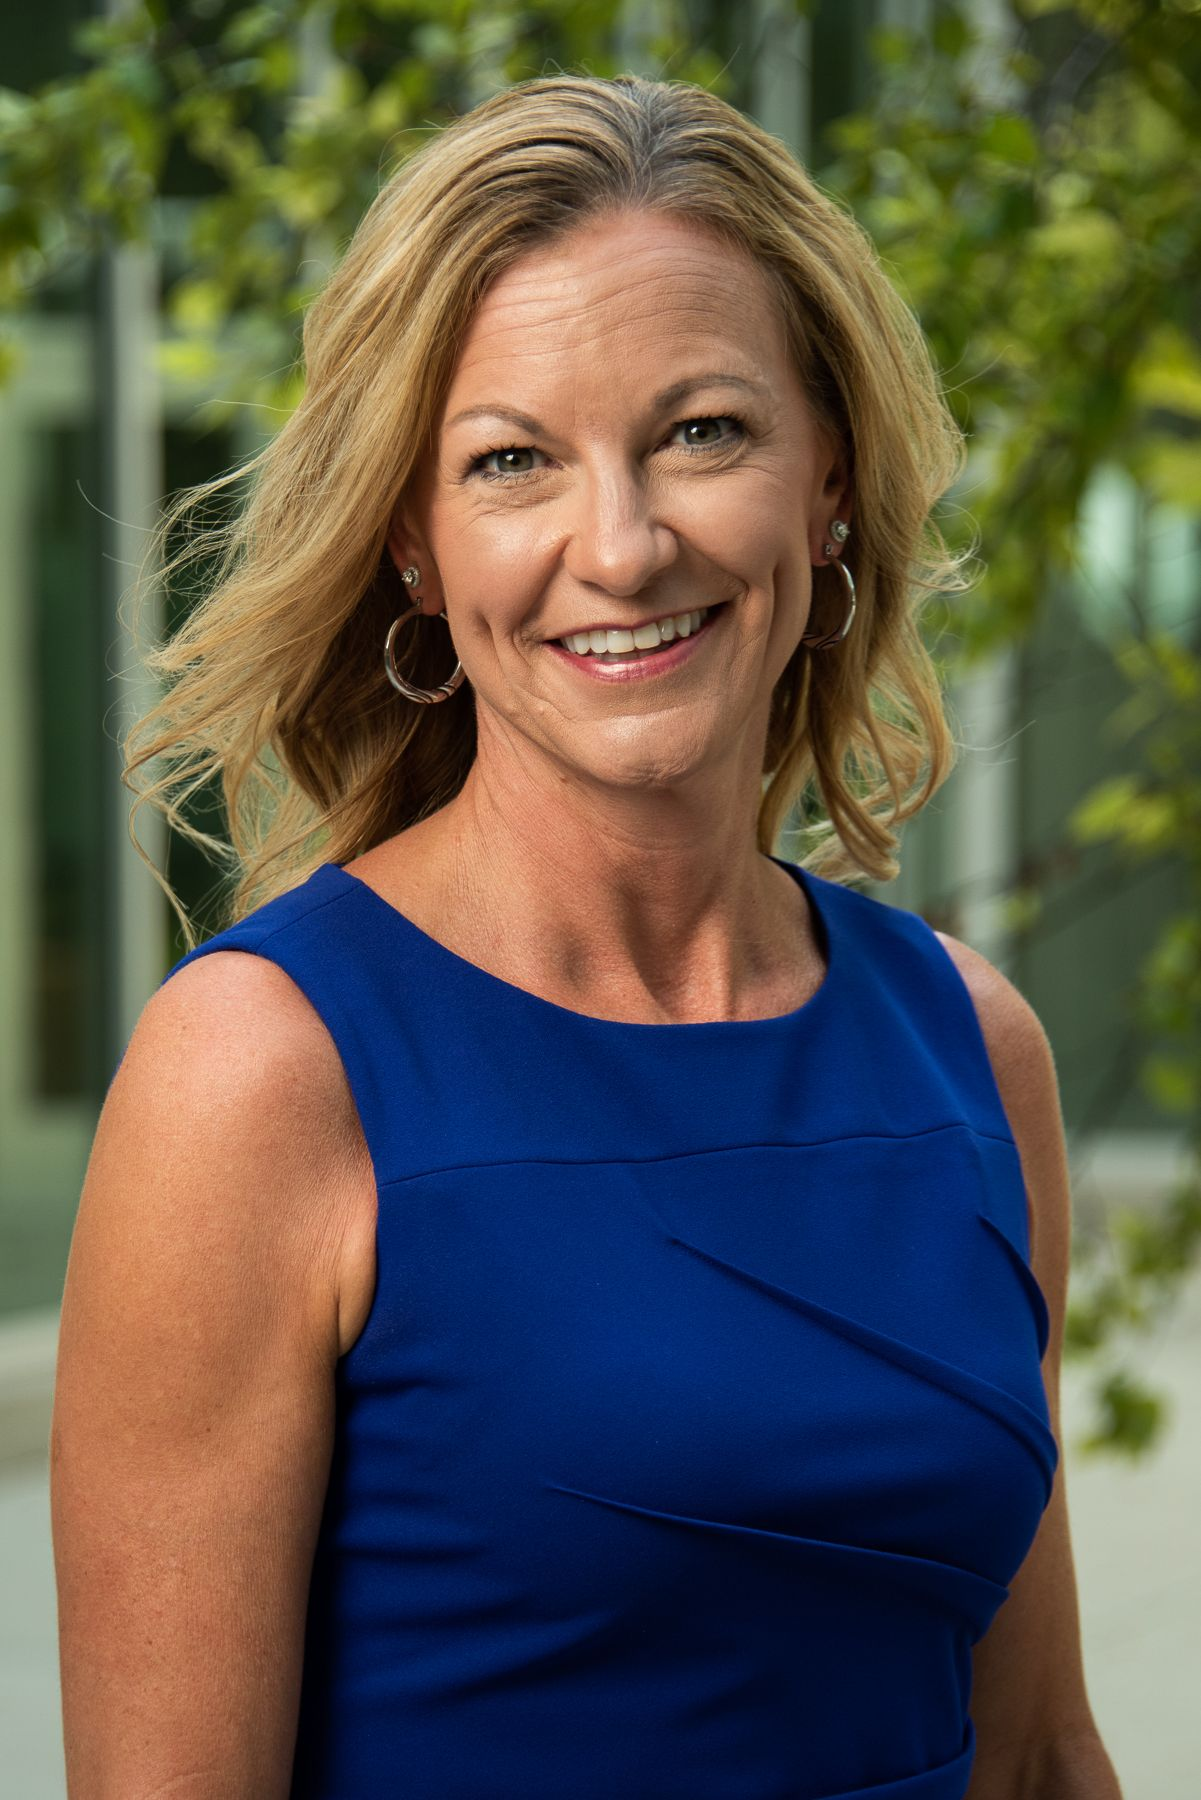 Beth Friesen